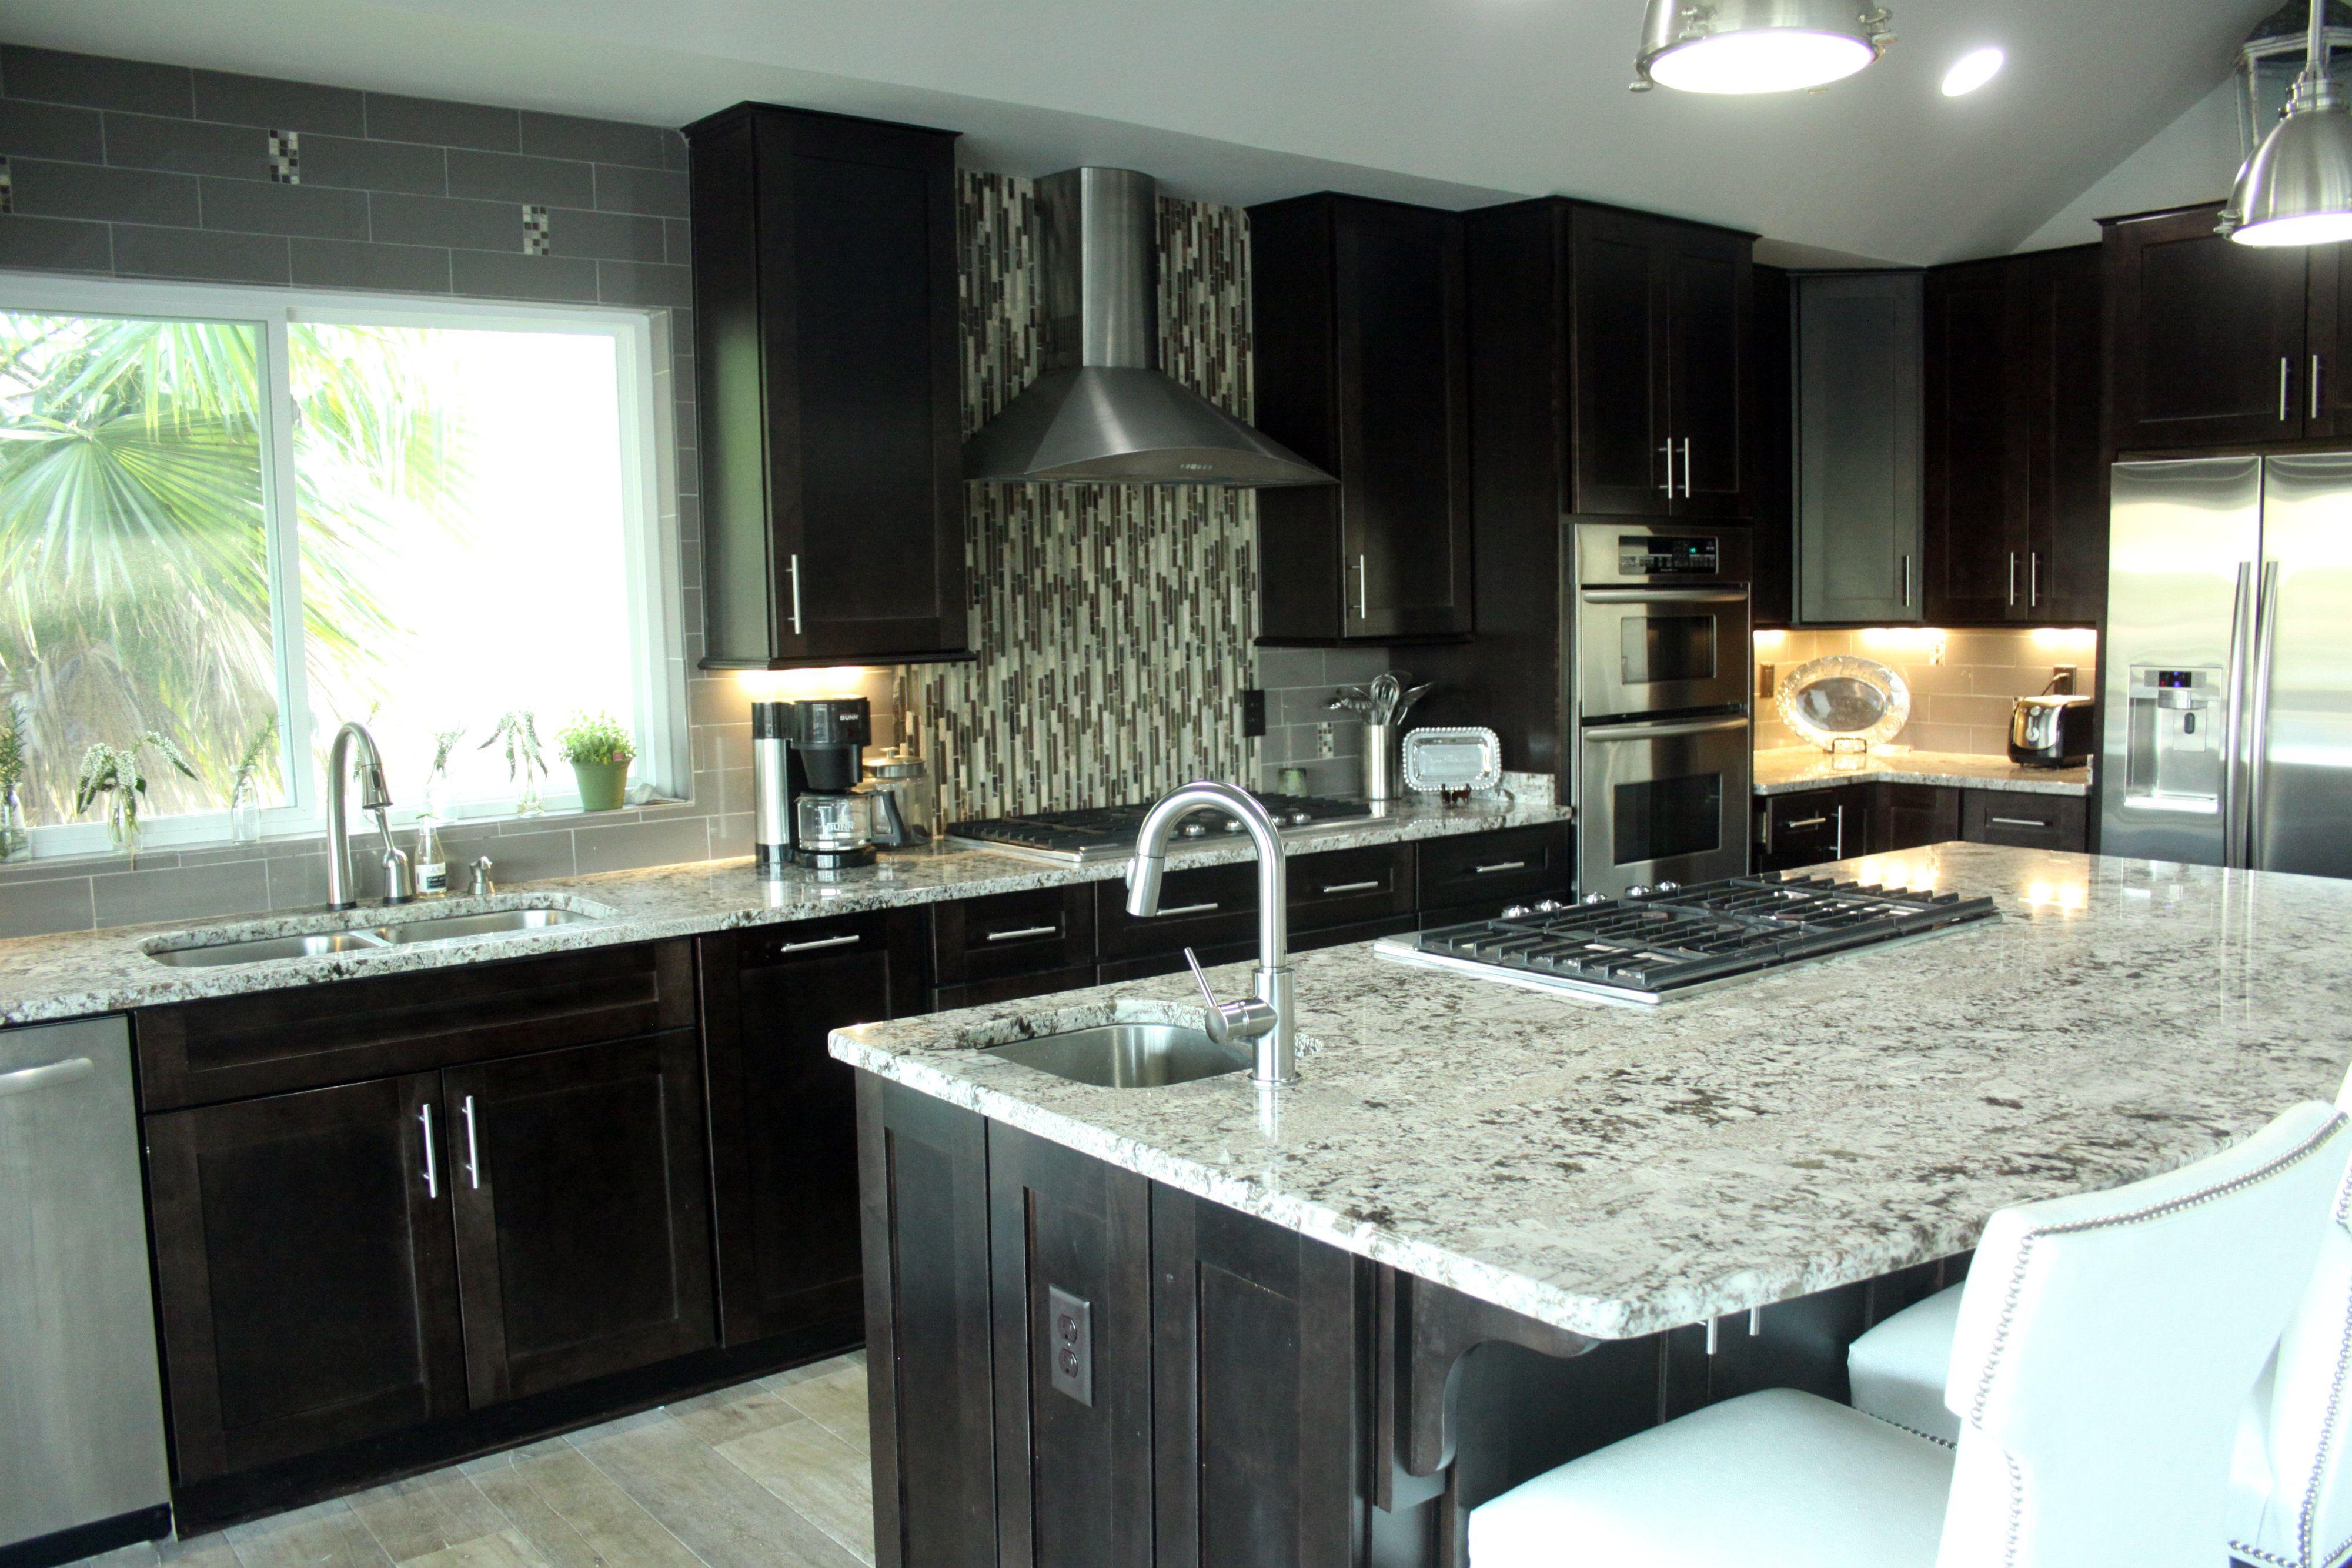 Coffee Color Kitchen Cabinets New Orleans Lennar Espresso White Granite Google